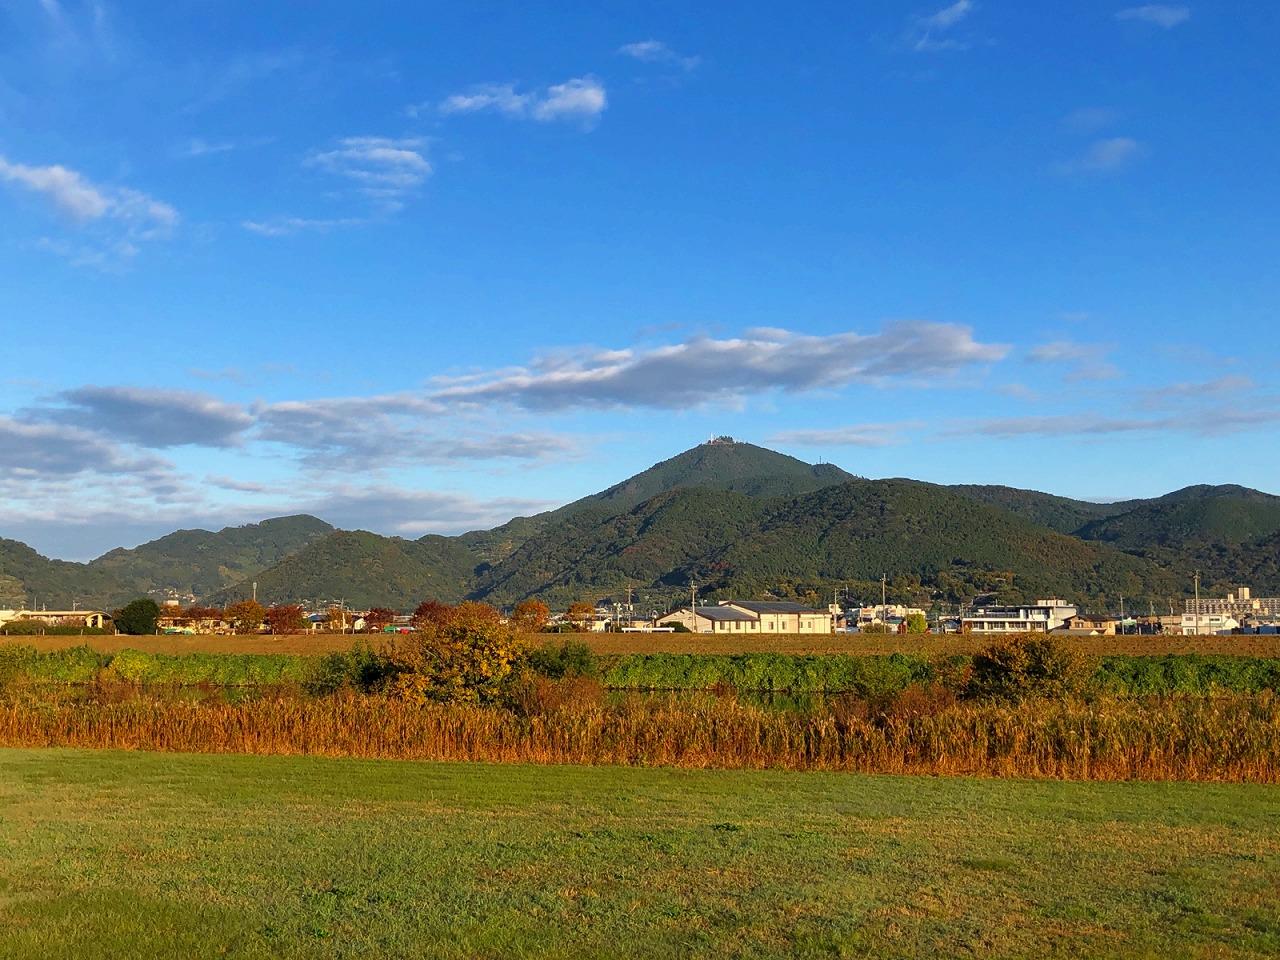 2018.11.14今朝の金峰山です。